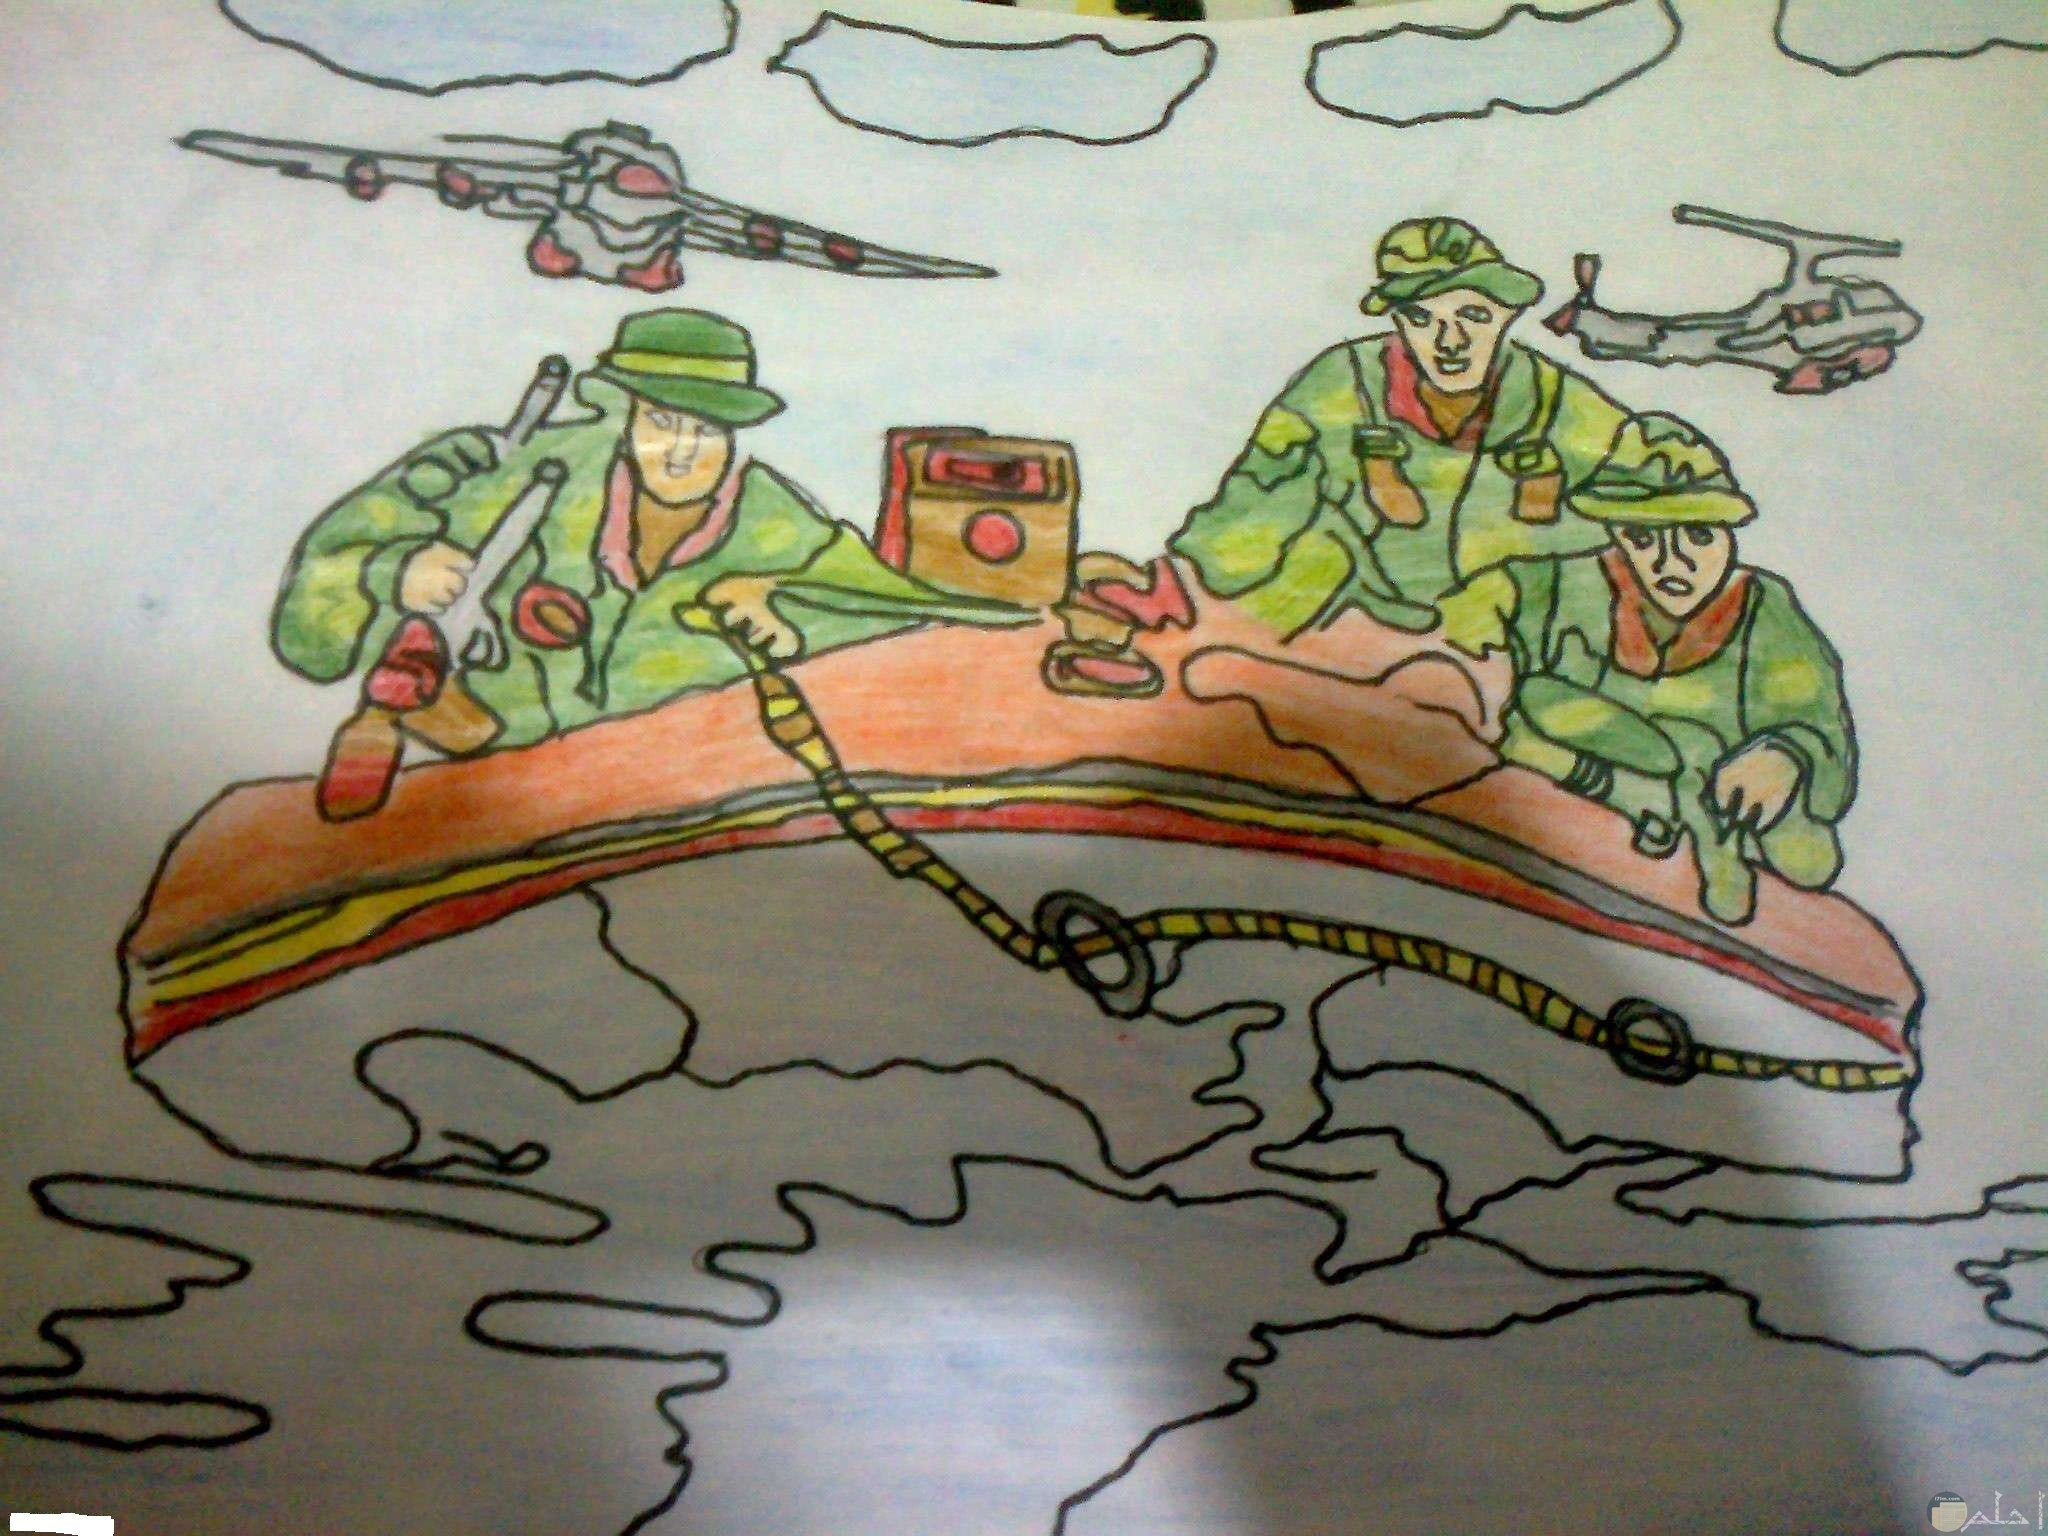 رسمة ملونة لجنود يركبون قارب و يعبرون به القناة و الطائرات تحلق فوقهم.